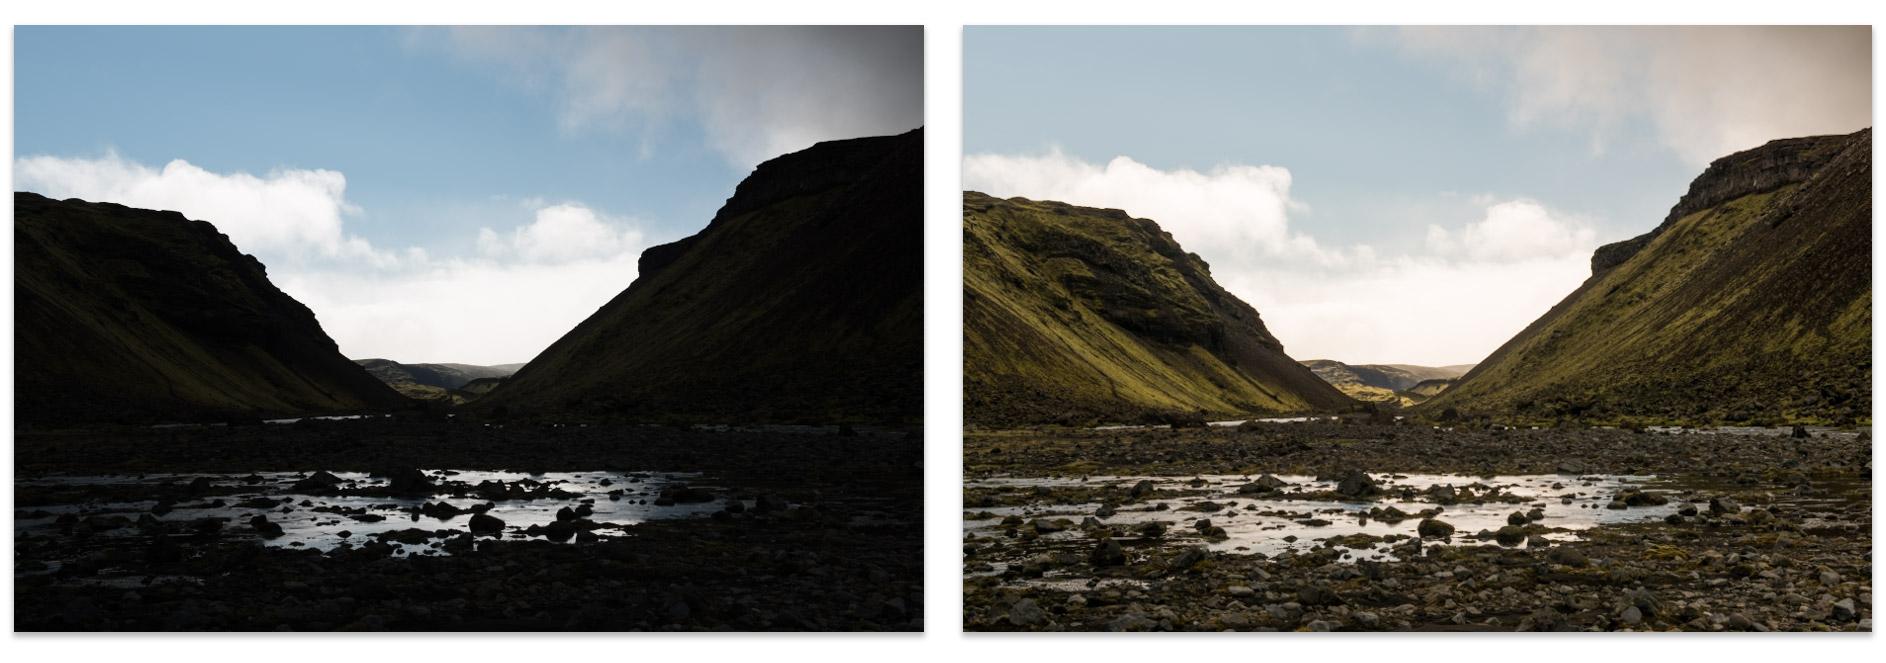 Image sous exposée à gauche / Image retravaillée sous Lightroom à droite